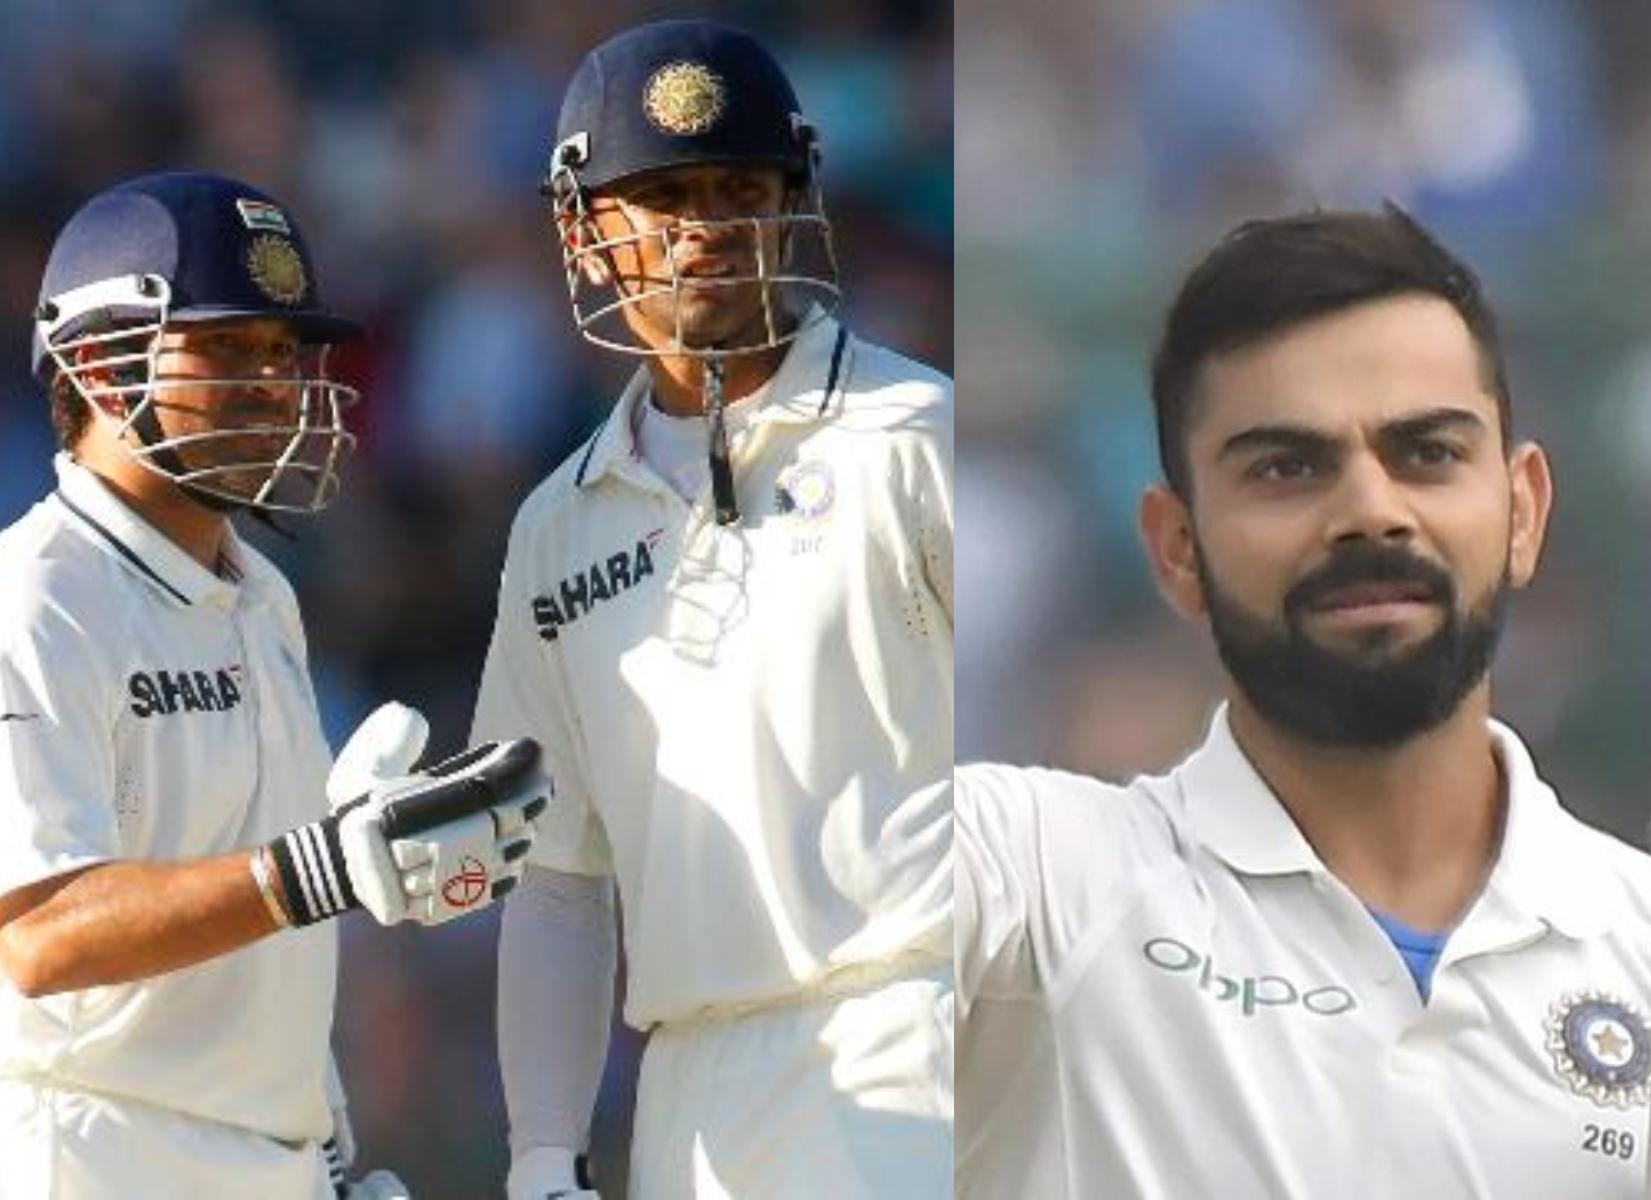 Sachin Tendulkar, Rahul Dravid and Virat Kohli